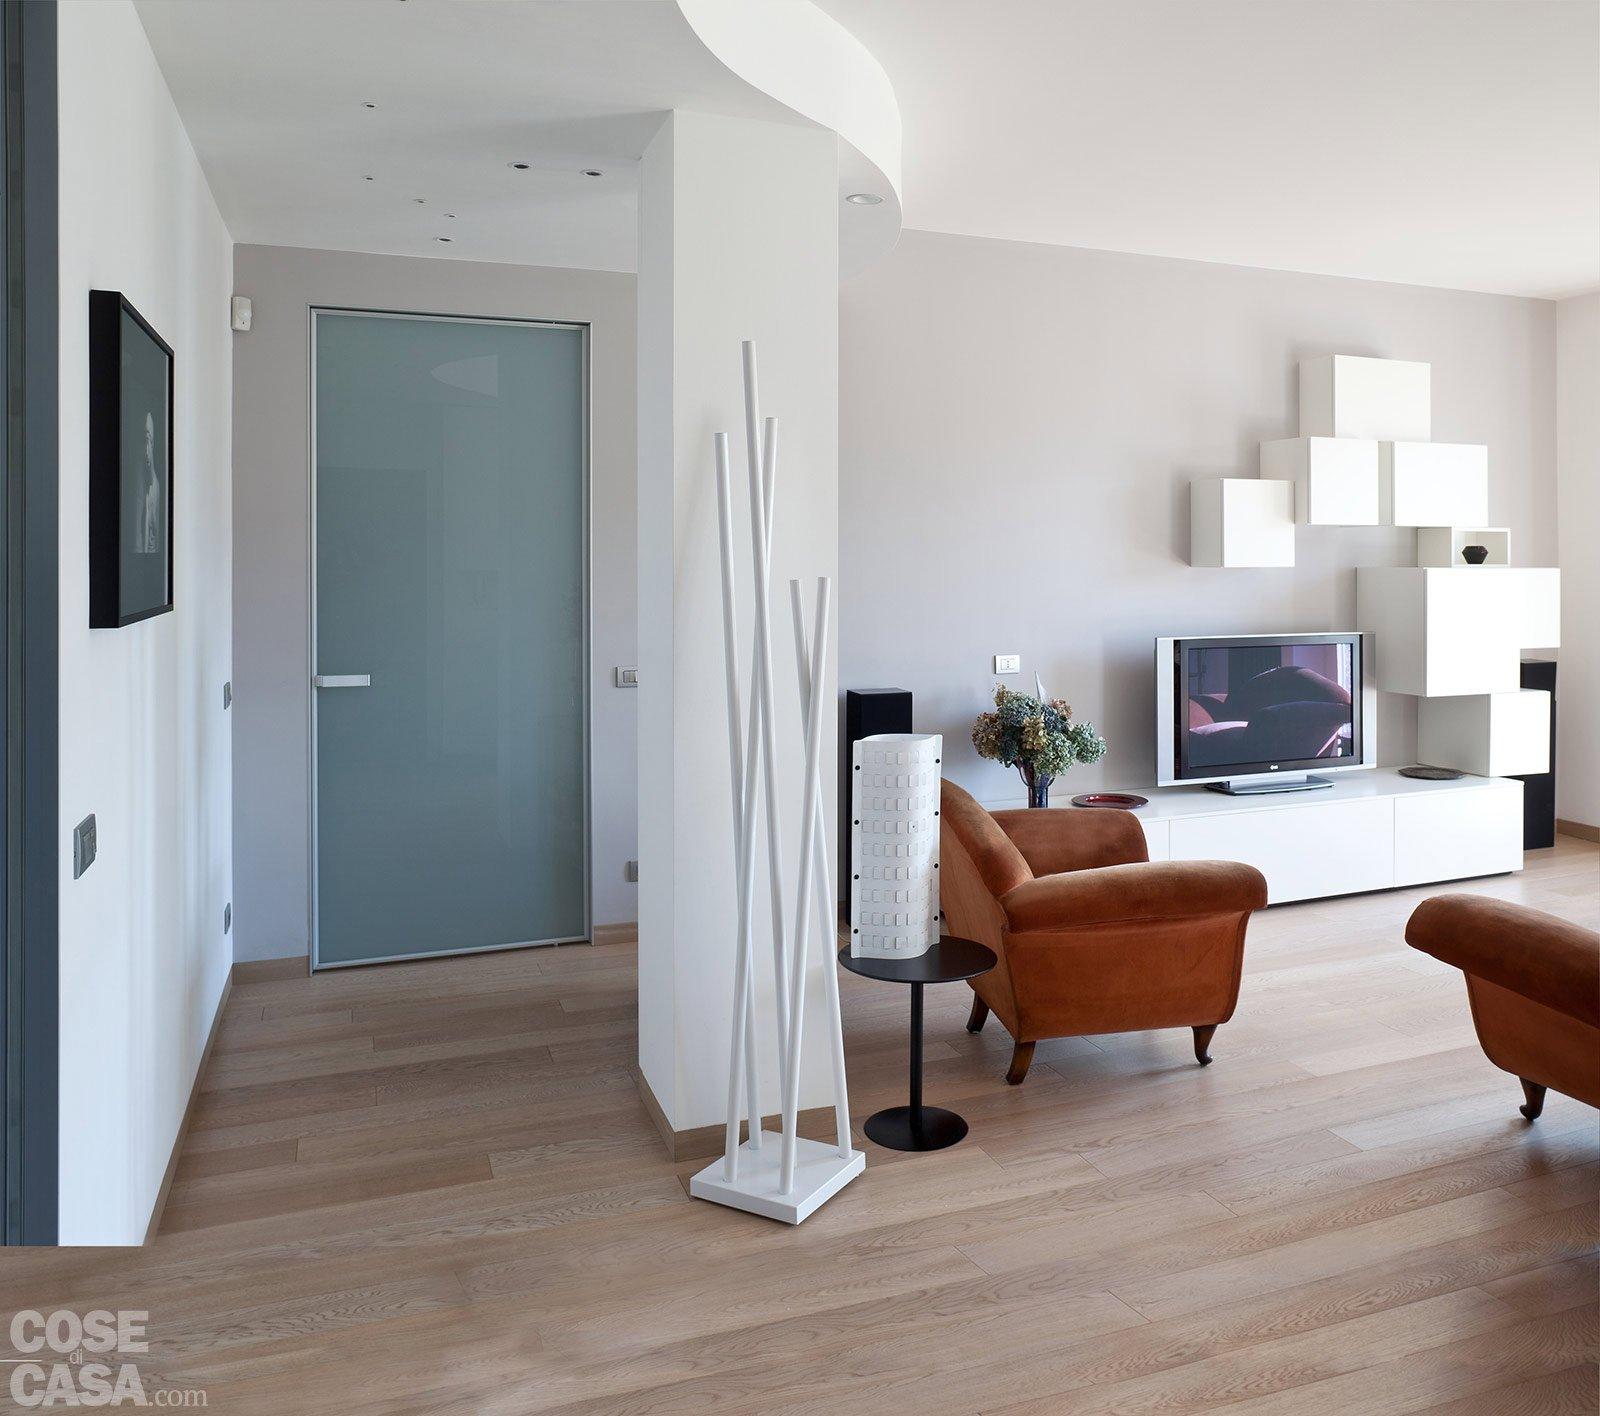 Casa pesaro fiorentini soggiorno ingresso cose di casa for Piccoli mobili per soggiorno